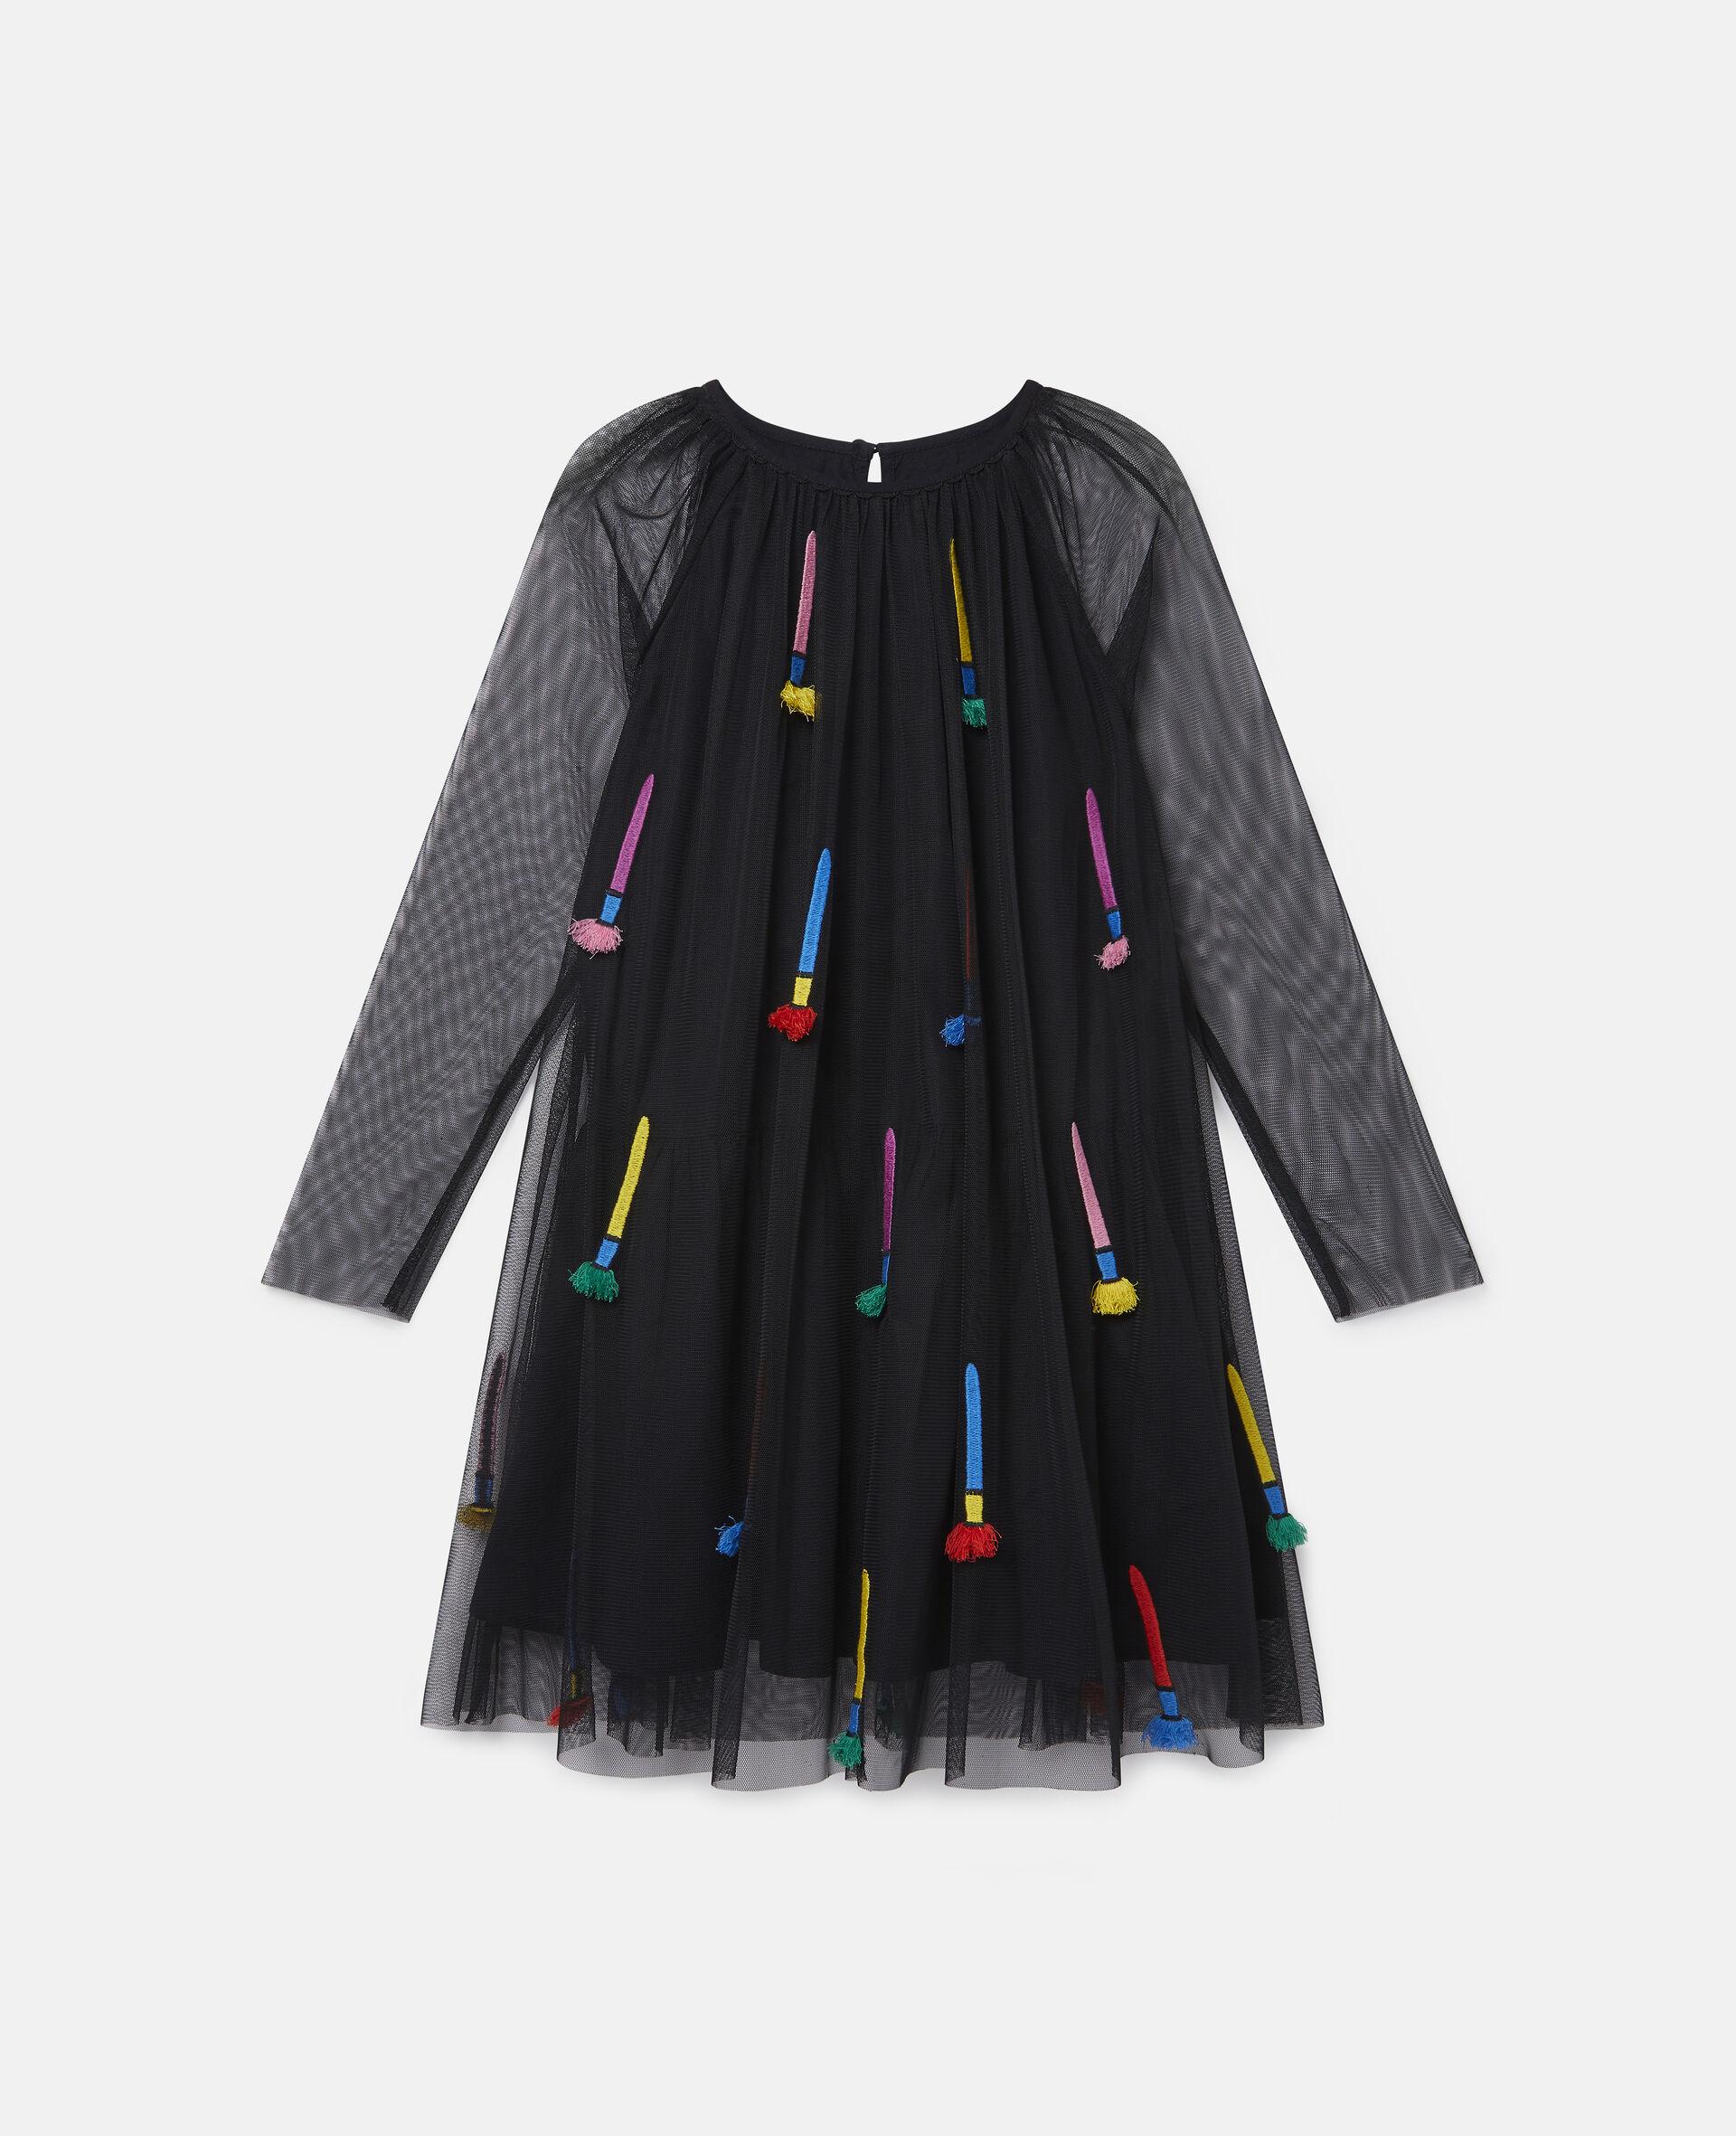 Kleid aus Tüll mit Pinsel-Stickerei-Schwarz-large image number 0